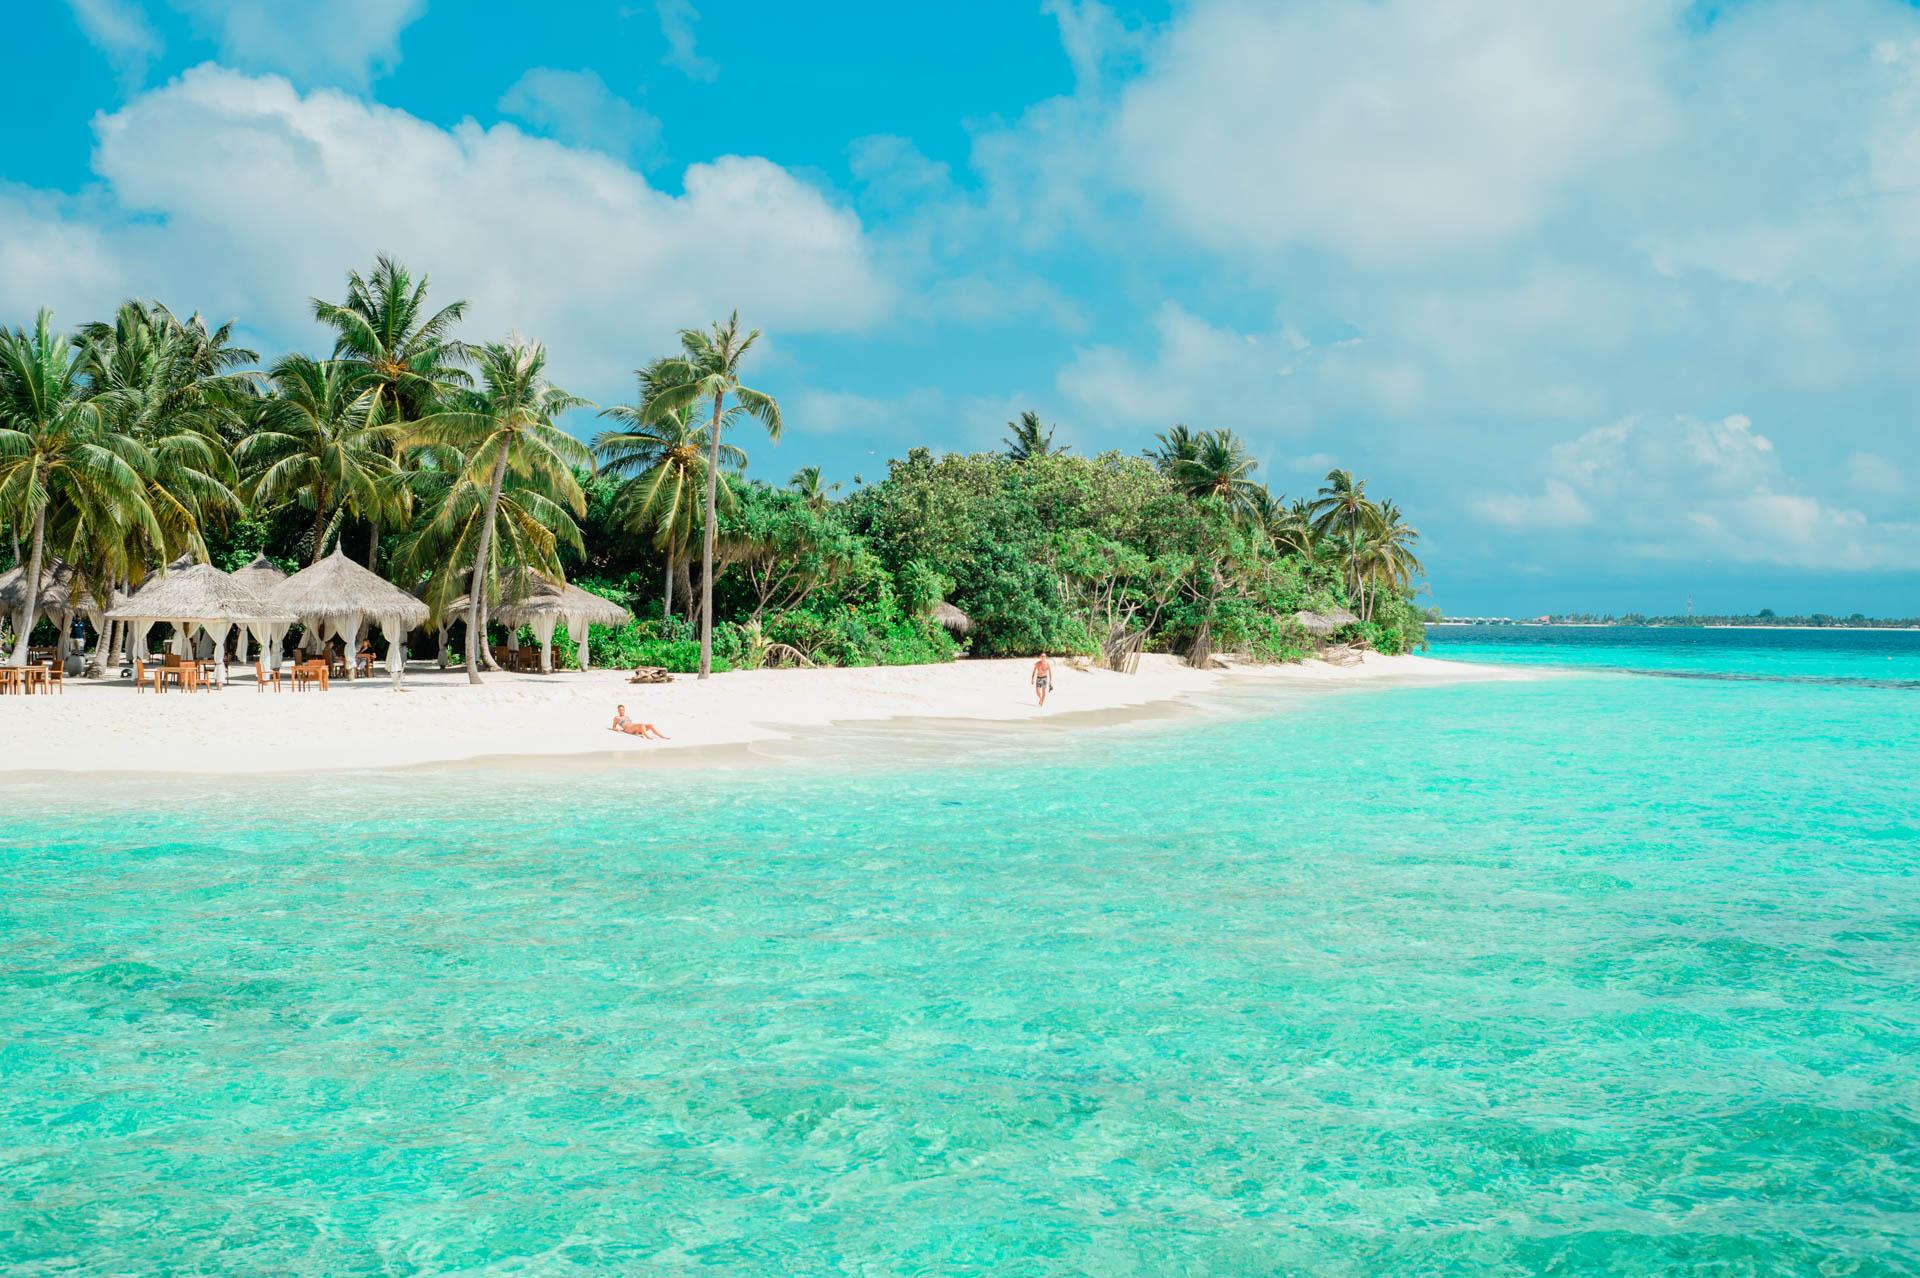 Nuah Angel Maldives Wedding at Reethi Faru Resort by Asad 95